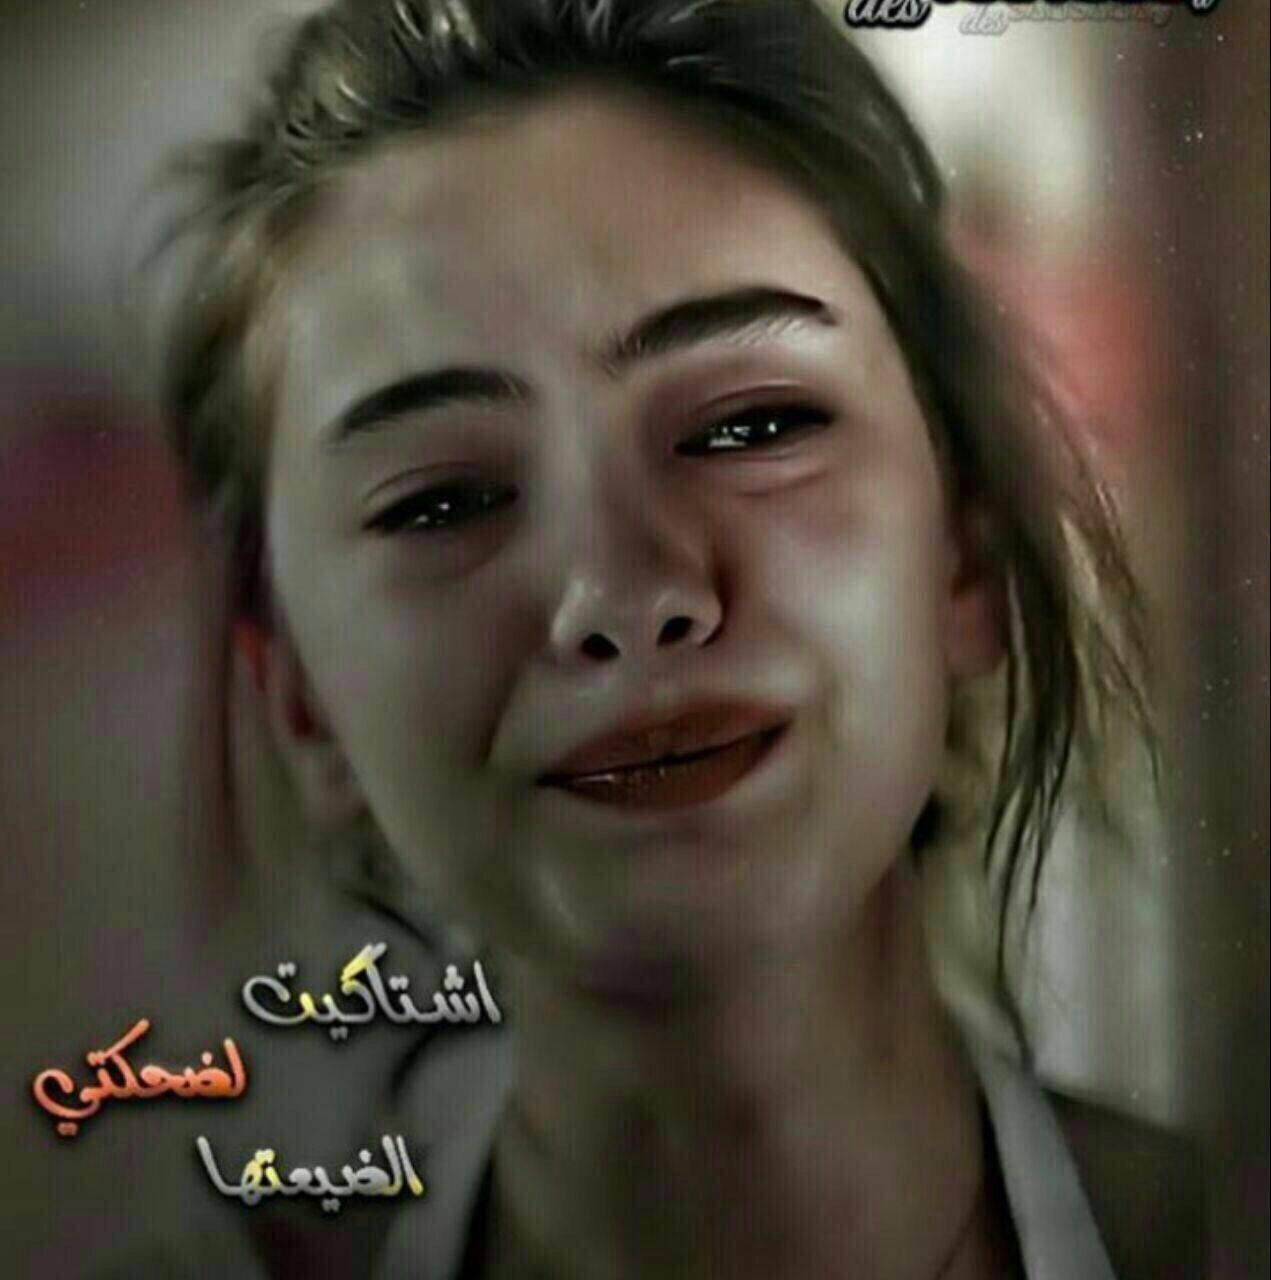 صورة صور بنات حزينه , بنات جميله في قلوبهم الحزن والقهر